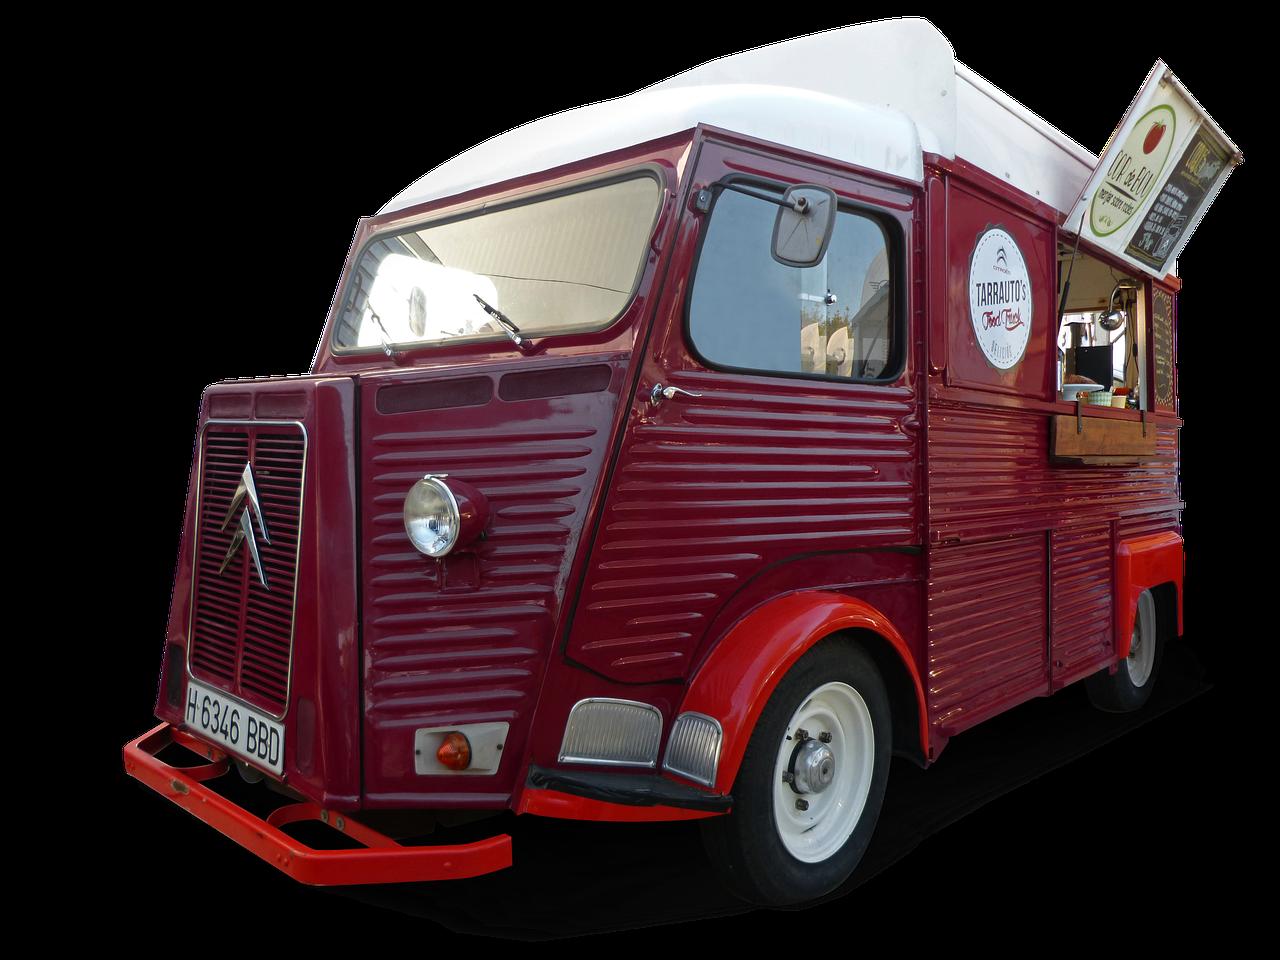 Food Truck Van With Unique Design